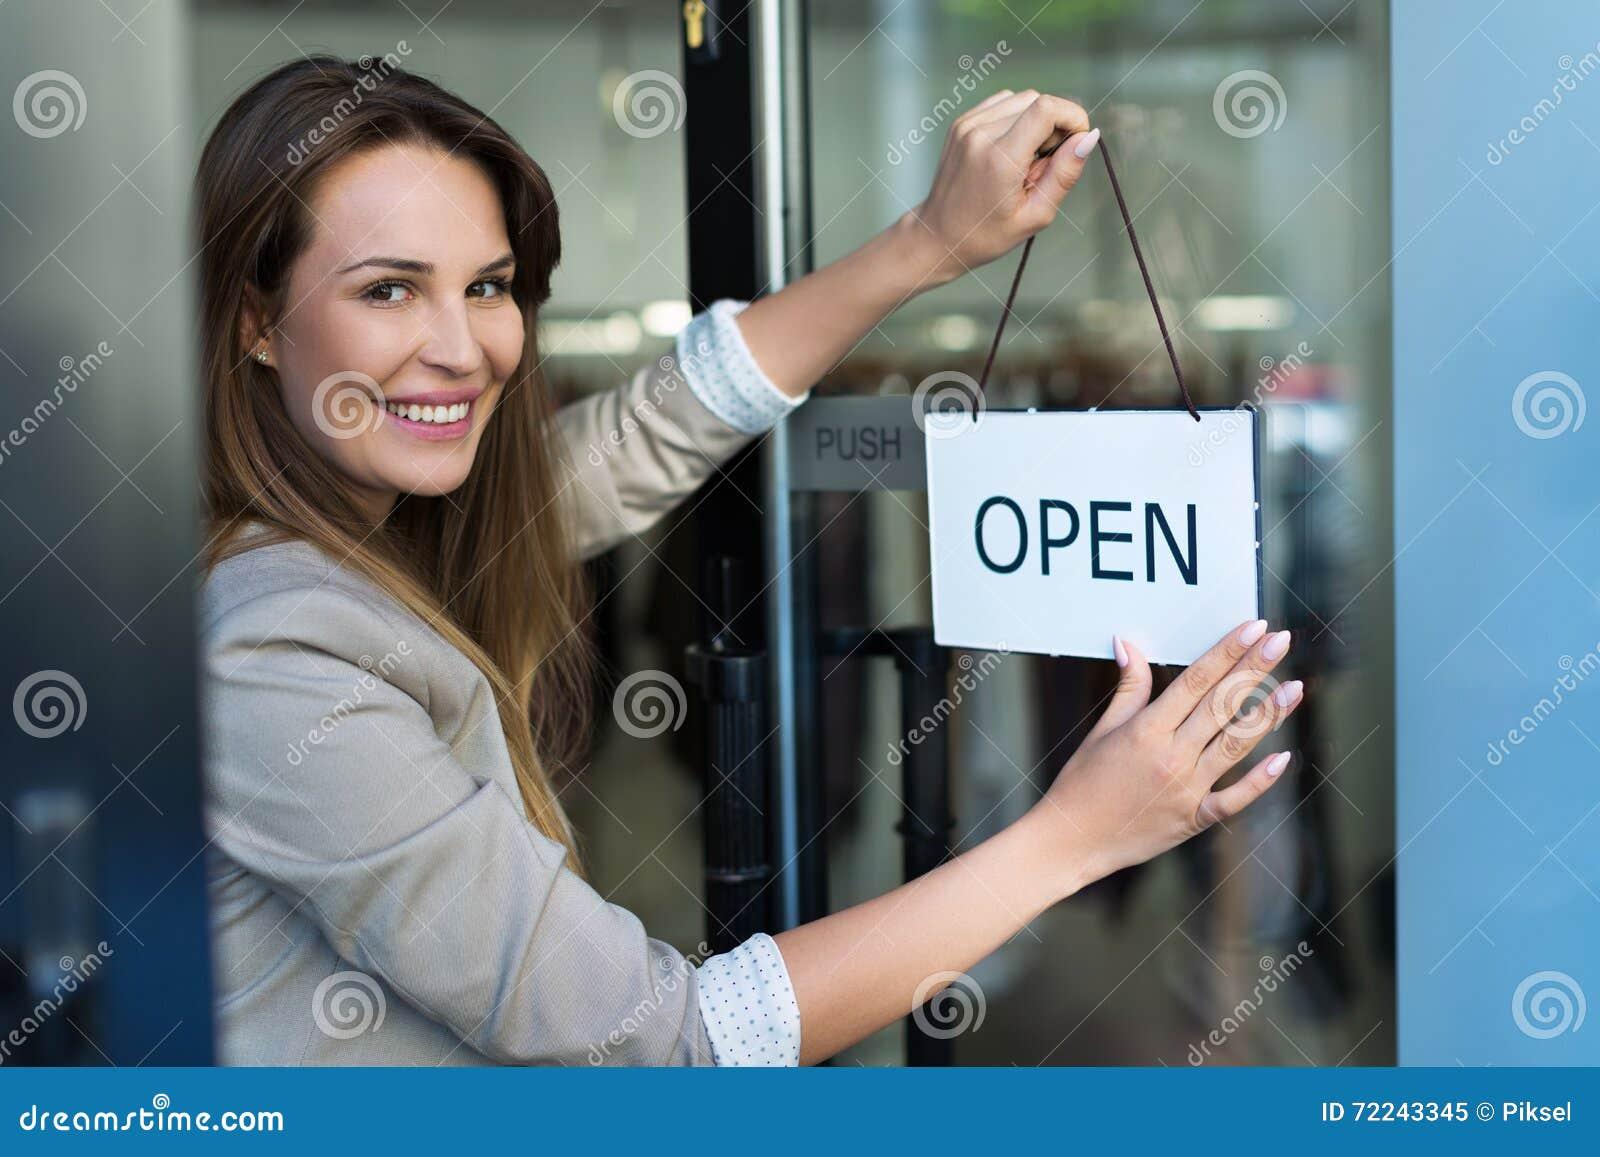 Frau, die offenes Zeichen auf Tür hängt